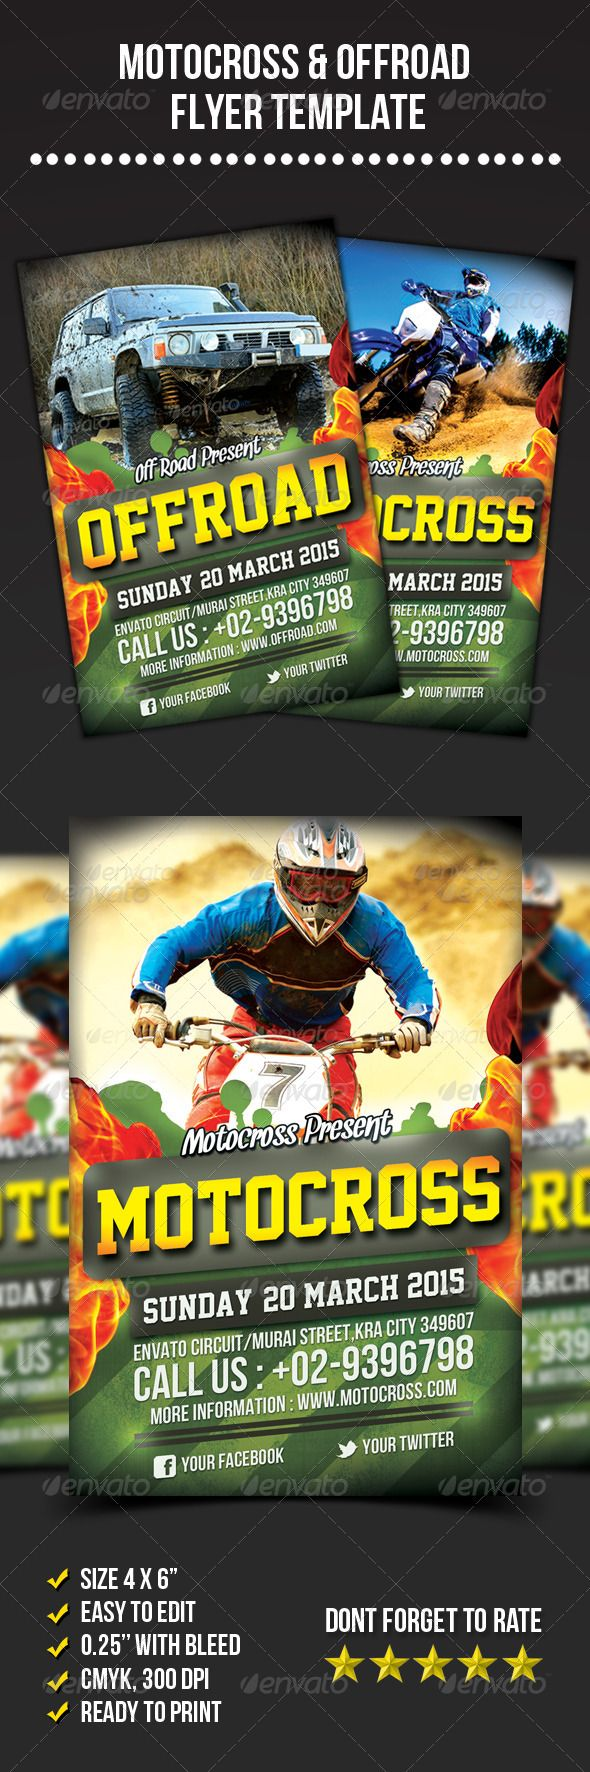 Motocross & Offroad Flyer | Marketing by Yari E\'Roan | Pinterest